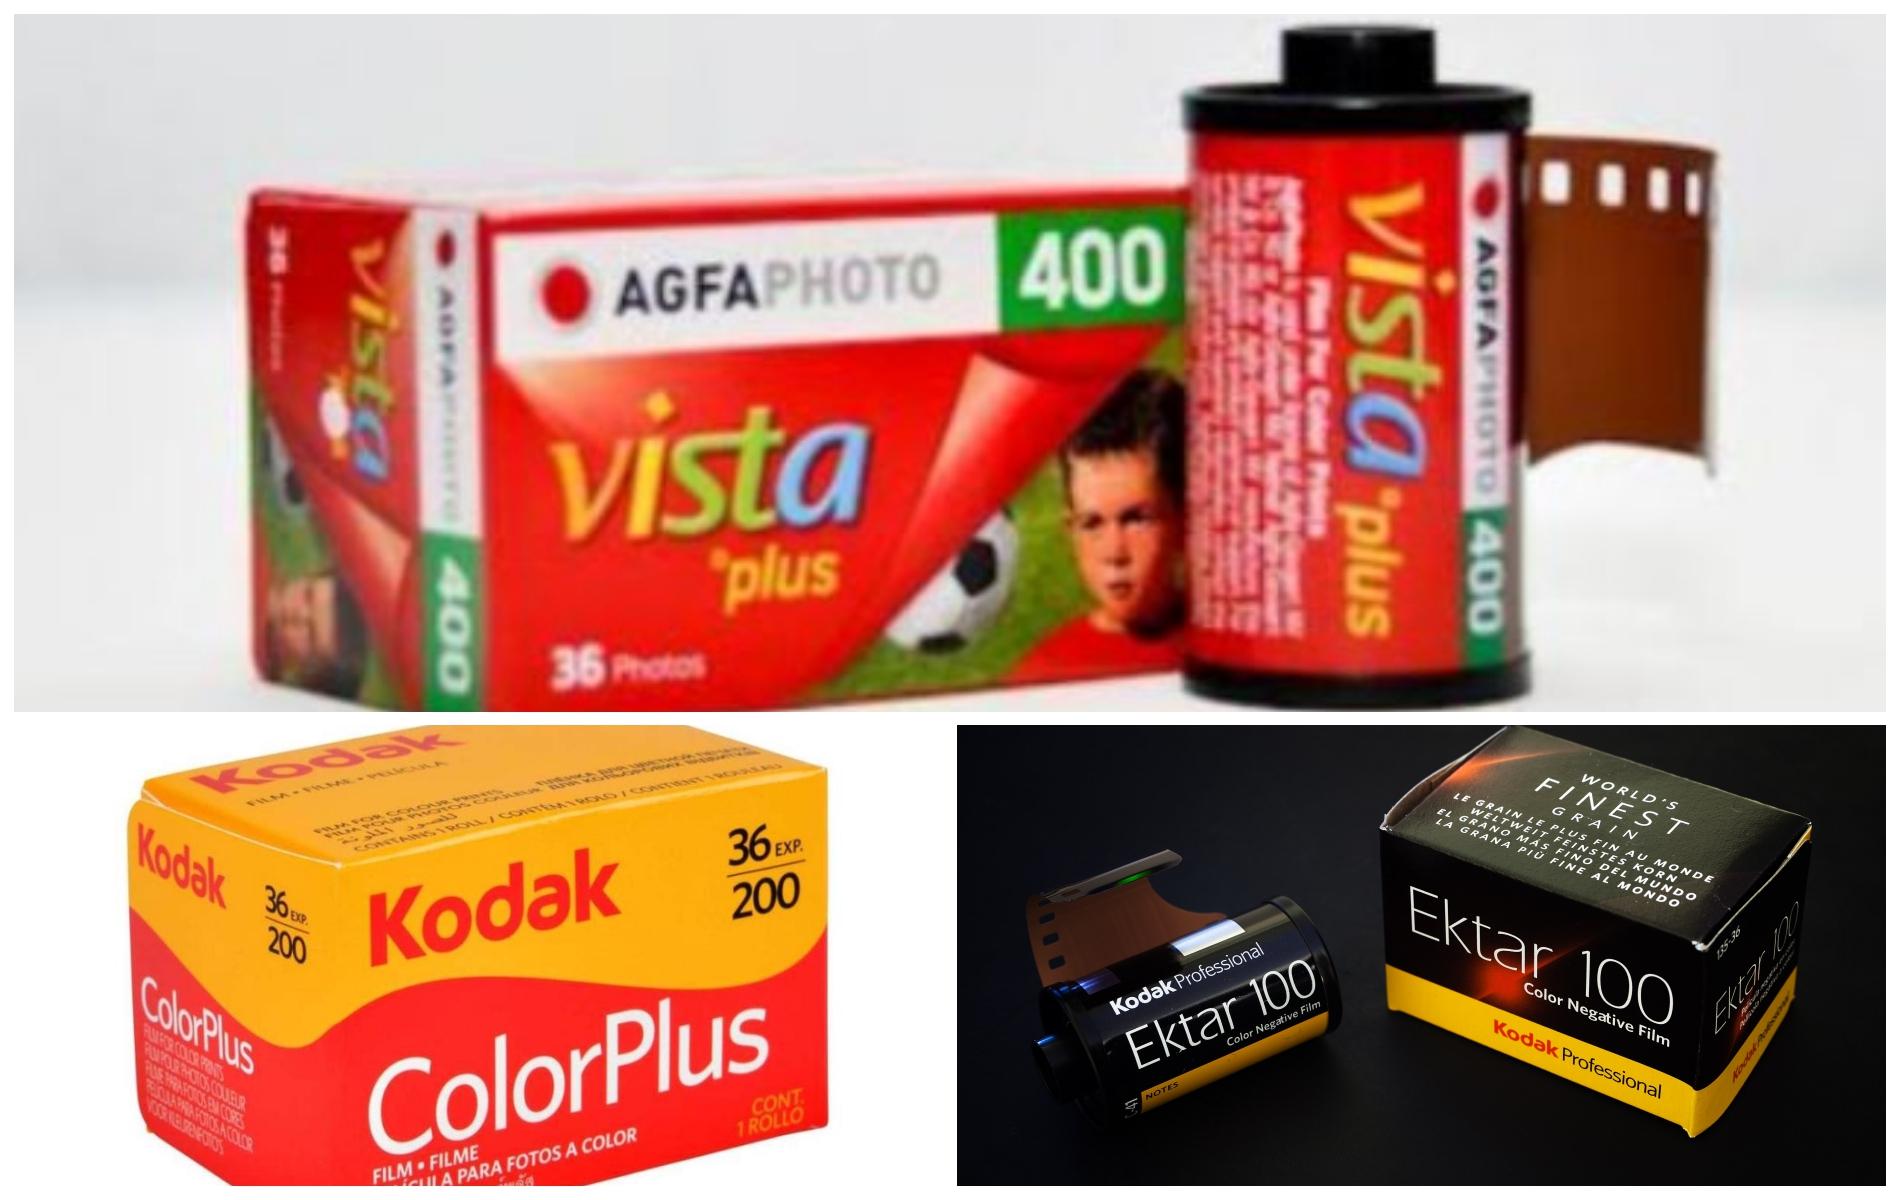 แนะนำ 3 ฟิล์มถ่ายรูป ในที่แสงเยอะ เลือกอย่างไรให้ถูกใจ